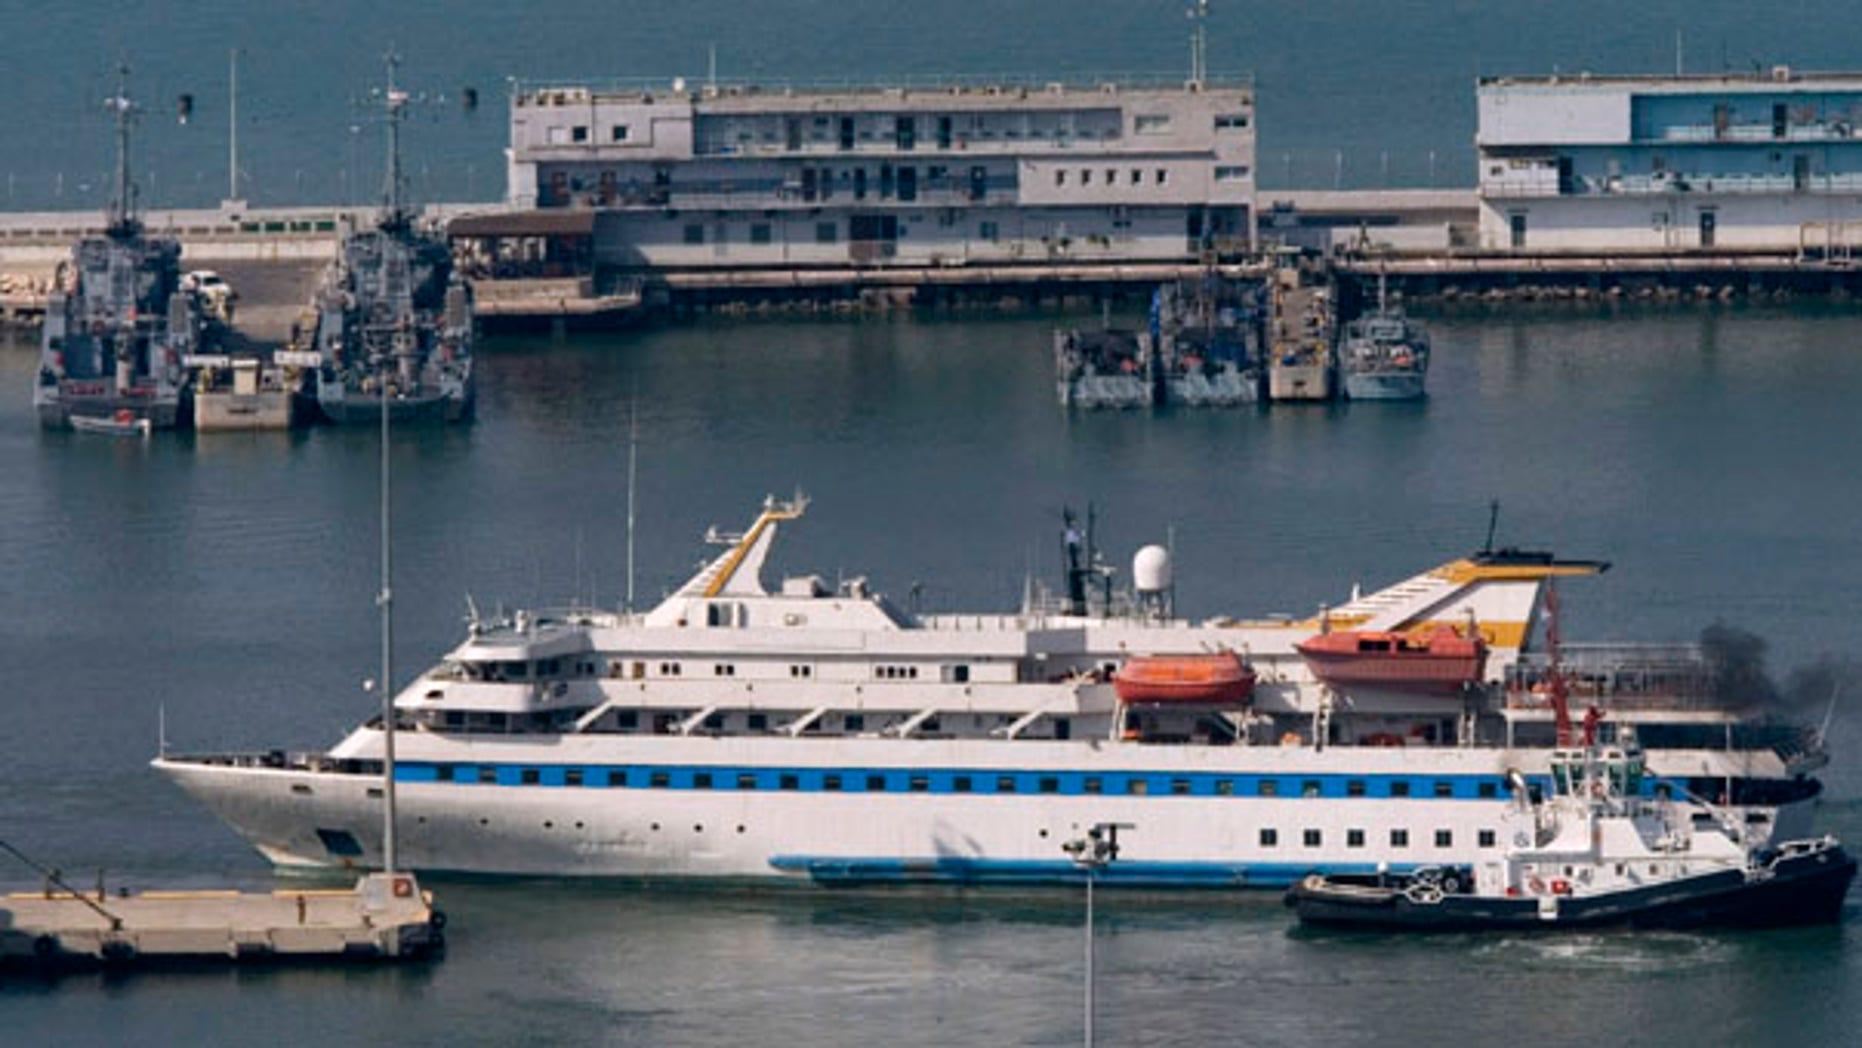 Aug. 5: The Mavi Marmara ship, part of a Gaza-bound flotilla raided by Israeli commandos in May, leaves the Haifa port on its way back to Turkey.